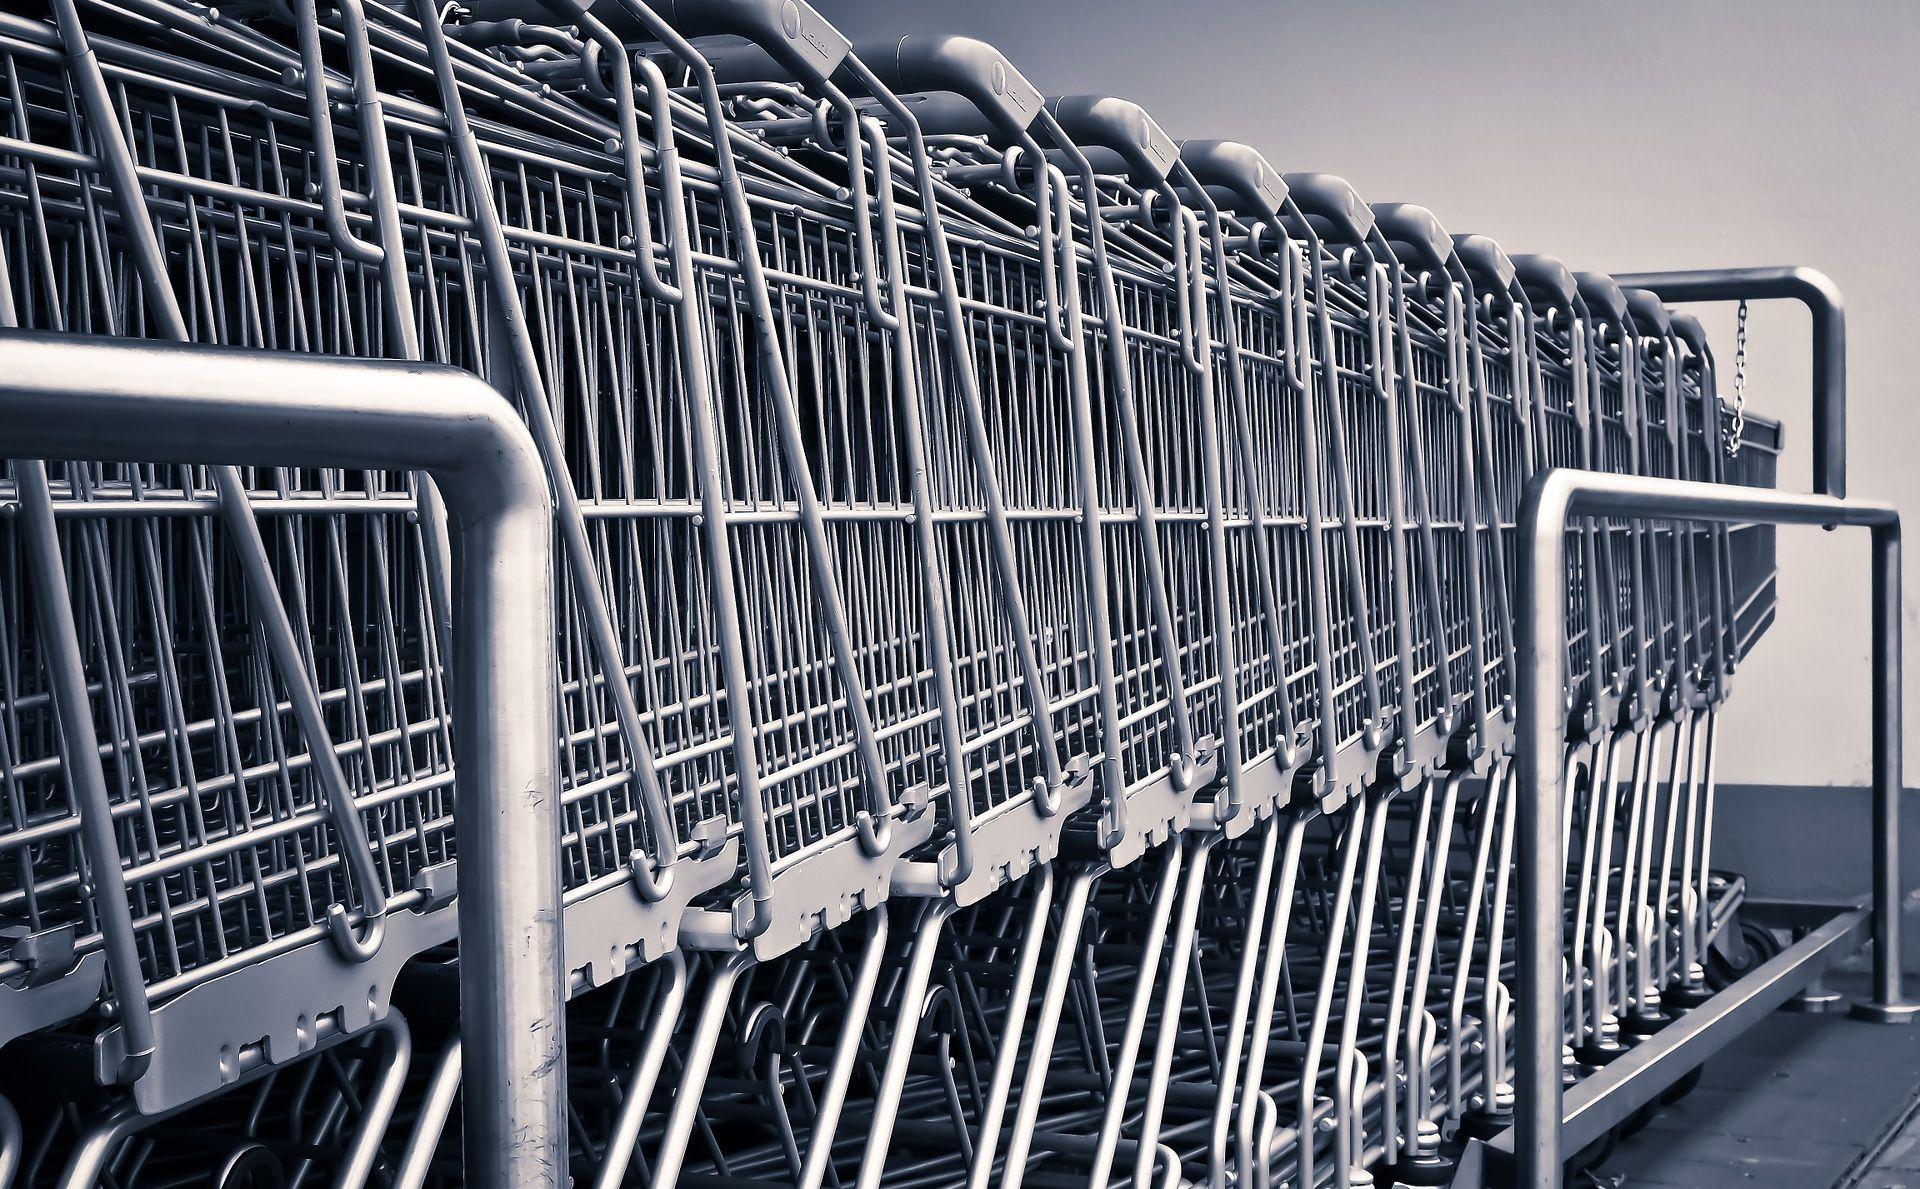 Potrošnja u prosincu rekordnih 14,85 milijardi kuna